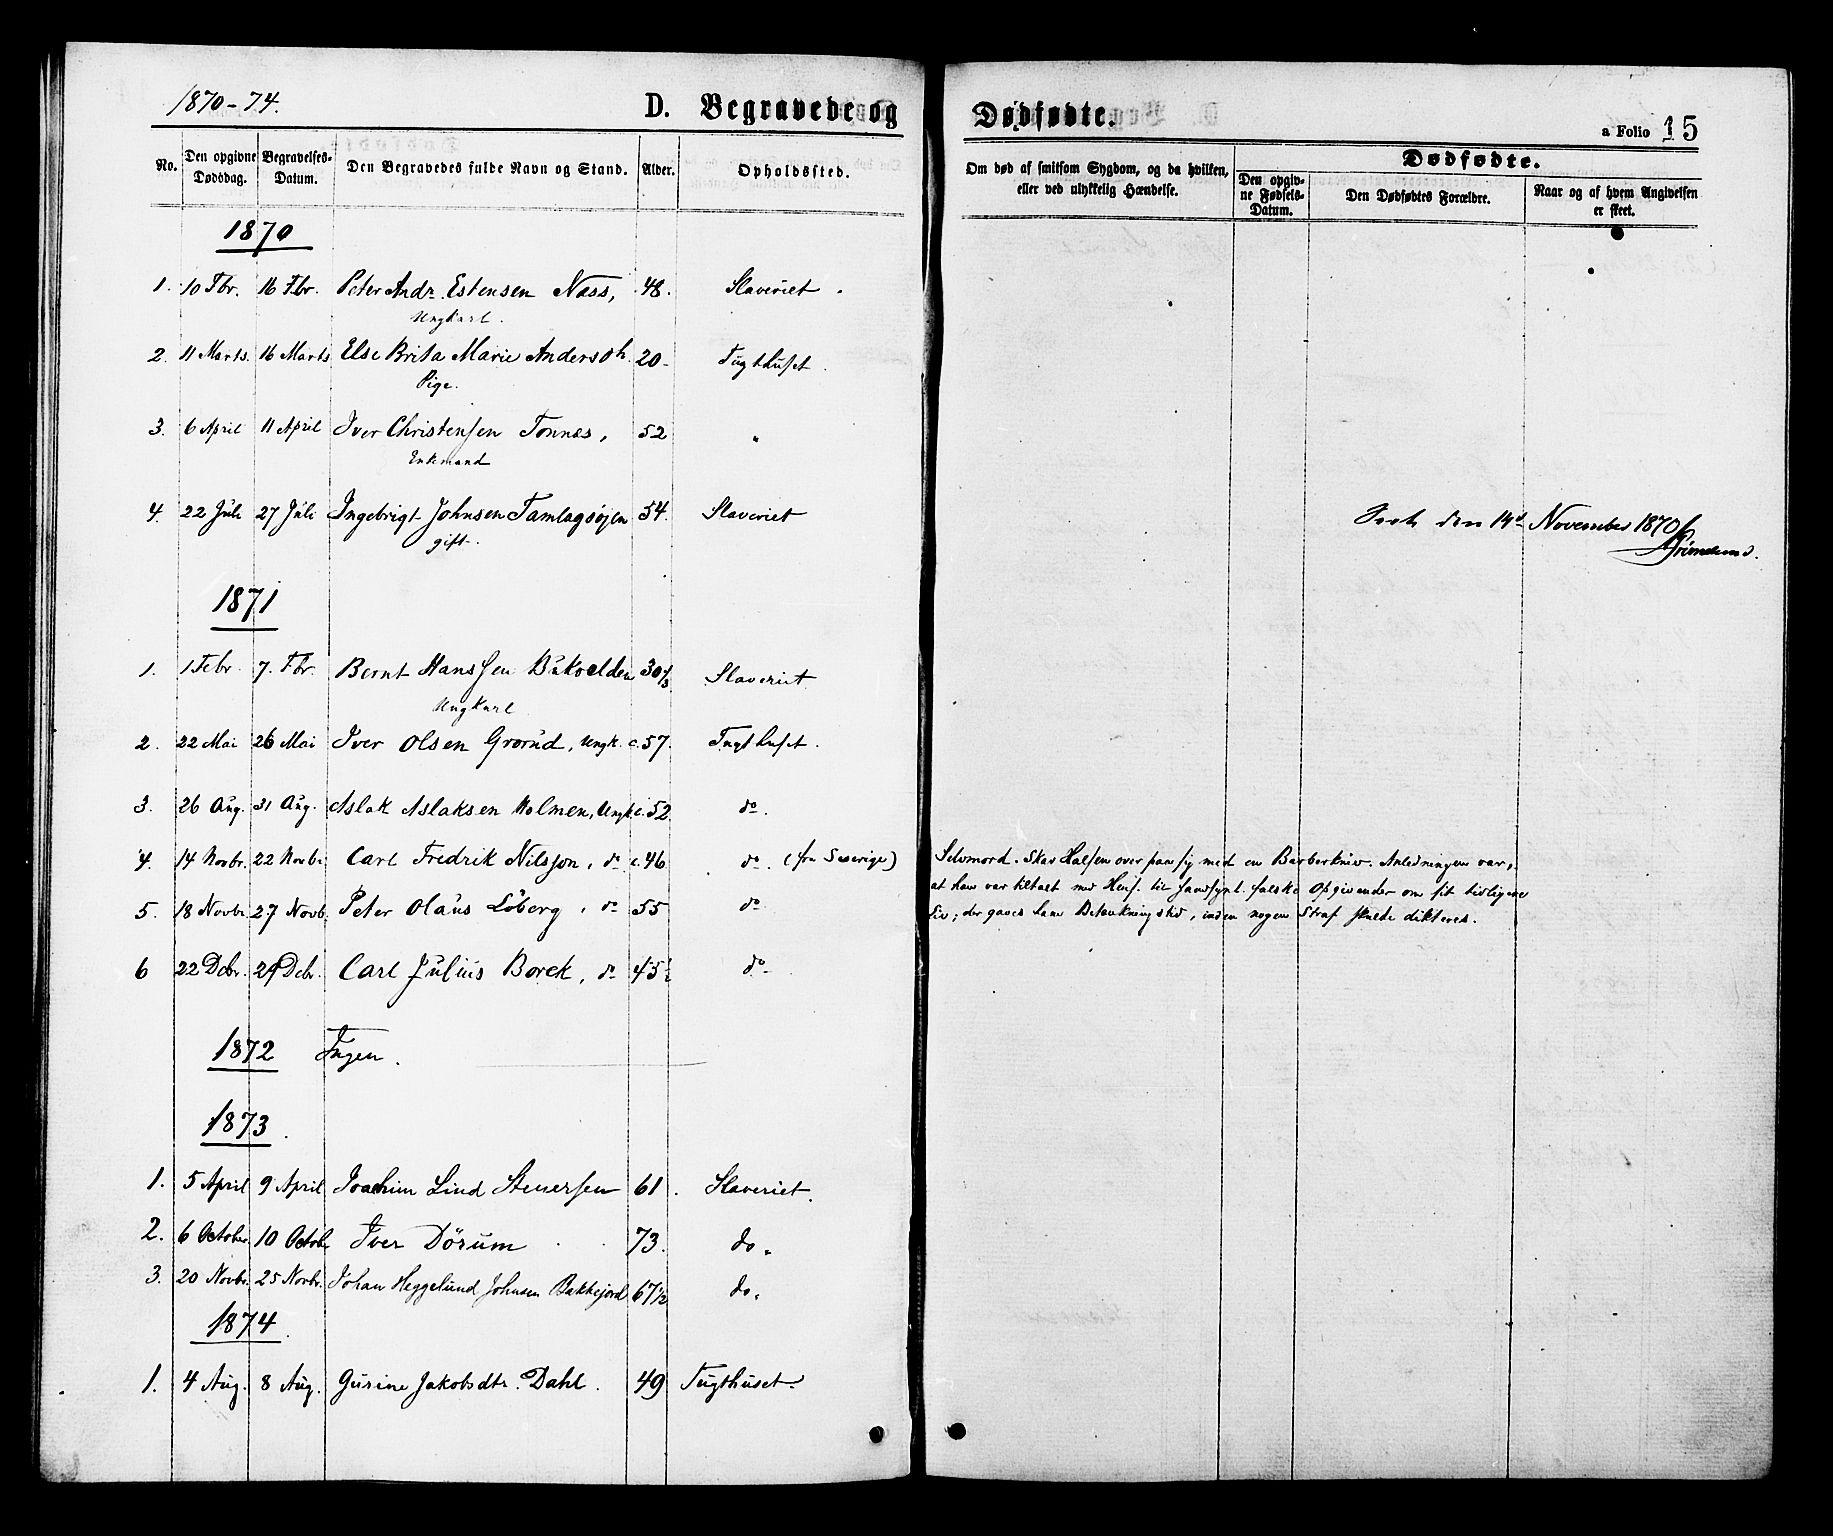 SAT, Ministerialprotokoller, klokkerbøker og fødselsregistre - Sør-Trøndelag, 624/L0482: Ministerialbok nr. 624A03, 1870-1918, s. 15